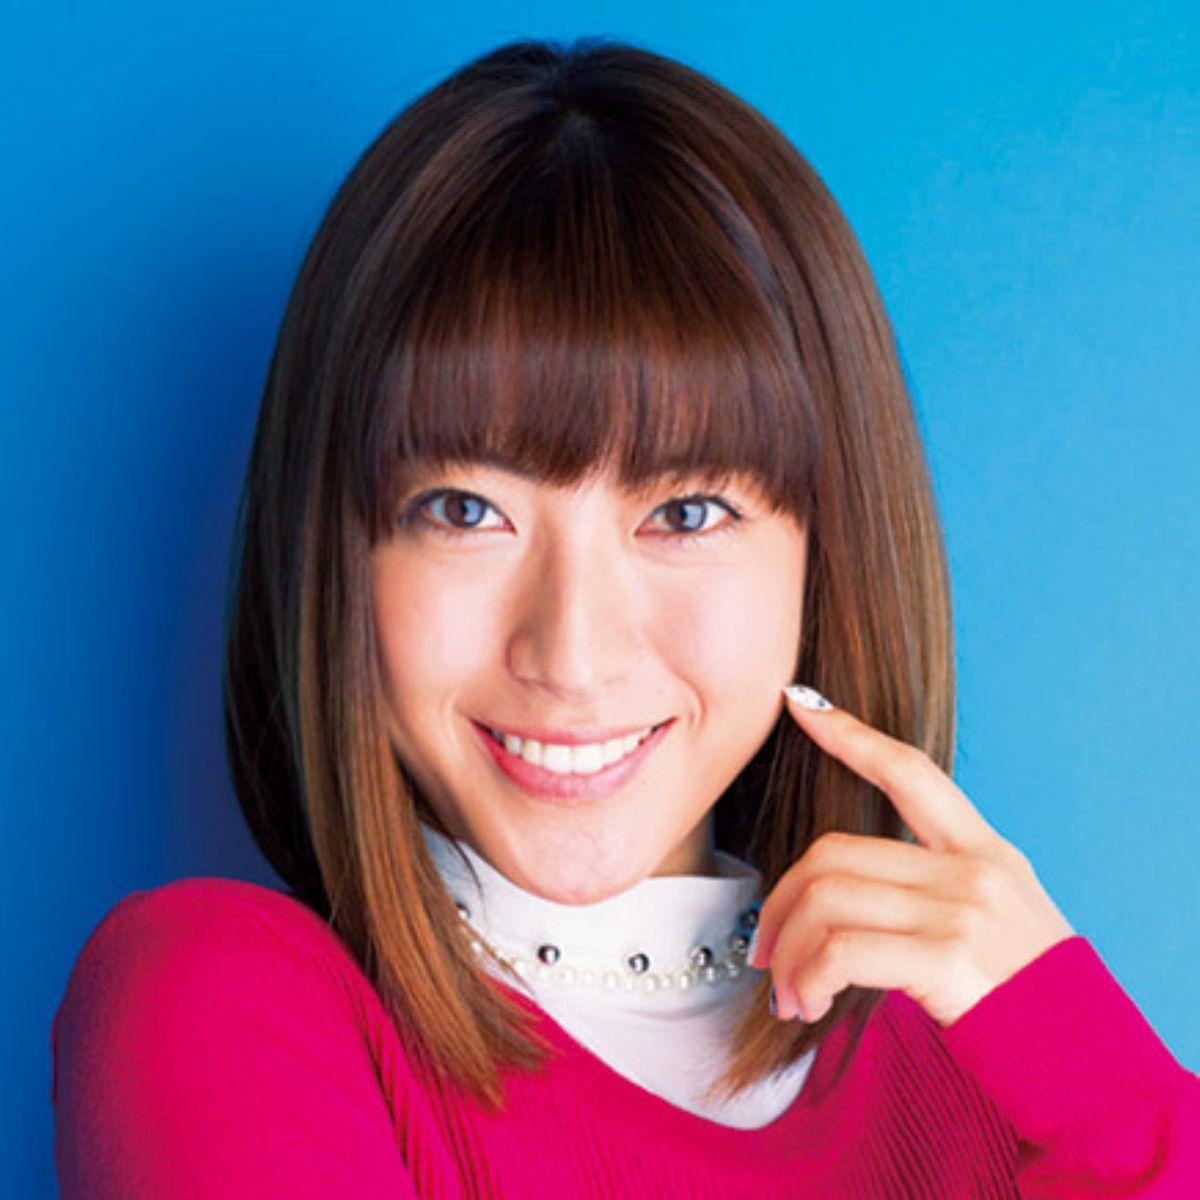 【歌手】「LAGOON」ボーカル・瀧本美織の歌が上手いと話題に!のサムネイル画像